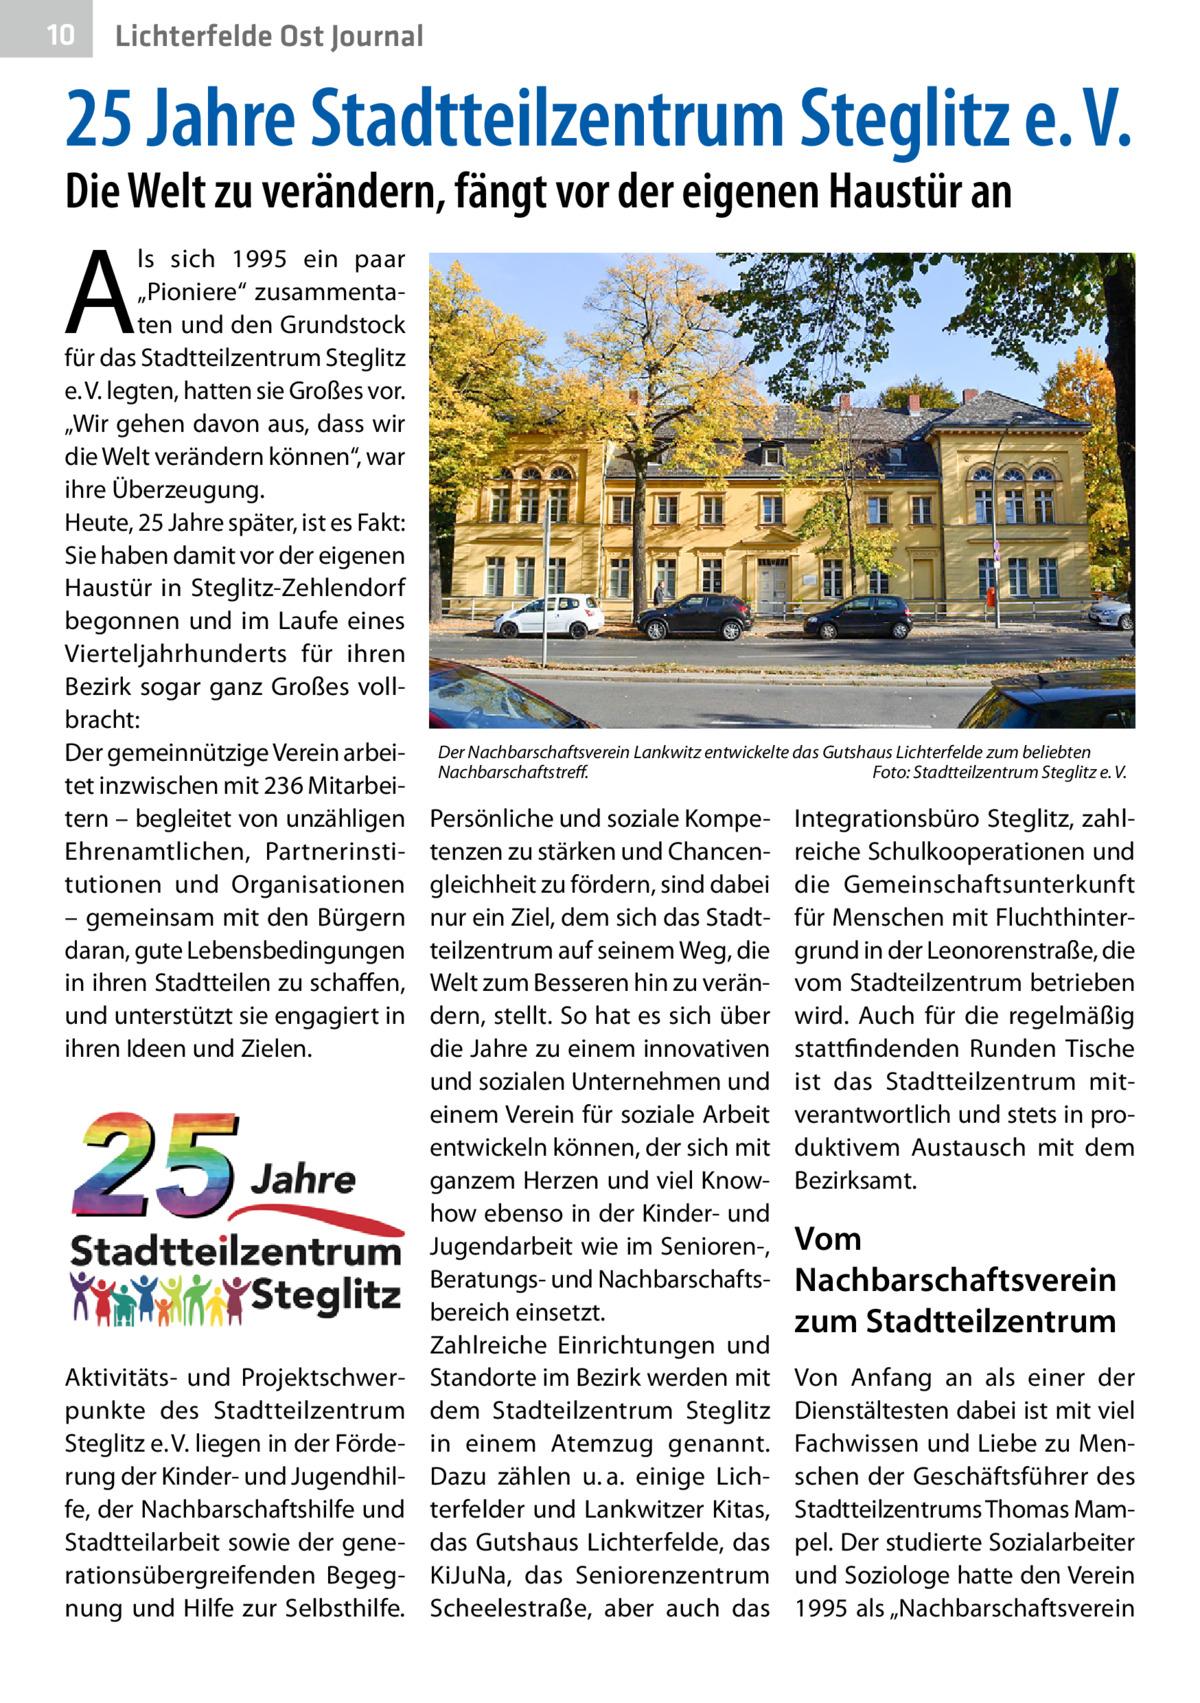 """10  Lichterfelde Ost Journal  25Jahre Stadtteilzentrum Steglitz e.V. Die Welt zu verändern, fängt vor der eigenen Haustür an  A  ls sich 1995 ein paar """"Pioniere"""" zusammentaten und den Grundstock für das Stadtteilzentrum Steglitz e.V. legten, hatten sie Großes vor. """"Wir gehen davon aus, dass wir die Welt verändern können"""", war ihre Überzeugung. Heute, 25Jahre später, ist es Fakt: Sie haben damit vor der eigenen Haustür in Steglitz-Zehlendorf begonnen und im Laufe eines Vierteljahrhunderts für ihren Bezirk sogar ganz Großes vollbracht: Der gemeinnützige Verein arbeitet inzwischen mit 236 Mitarbeitern – begleitet von unzähligen Ehrenamtlichen, Partnerinstitutionen und Organisationen – gemeinsam mit den Bürgern daran, gute Lebensbedingungen in ihren Stadtteilen zu schaffen, und unterstützt sie engagiert in ihren Ideen und Zielen.  Aktivitäts- und Projektschwerpunkte des Stadtteilzentrum Steglitz e.V. liegen in der Förderung der Kinder- und Jugendhilfe, der Nachbarschaftshilfe und Stadtteilarbeit sowie der generationsübergreifenden Begegnung und Hilfe zur Selbsthilfe.  Der Nachbarschaftsverein Lankwitz entwickelte das Gutshaus Lichterfelde zum beliebten Nachbarschaftstreff.� Foto: Stadtteilzentrum Steglitz e.V.  Persönliche und soziale Kompetenzen zu stärken und Chancengleichheit zu fördern, sind dabei nur ein Ziel, dem sich das Stadtteilzentrum auf seinem Weg, die Welt zum Besseren hin zu verändern, stellt. So hat es sich über die Jahre zu einem innovativen und sozialen Unternehmen und einem Verein für soziale Arbeit entwickeln können, der sich mit ganzem Herzen und viel Knowhow ebenso in der Kinder- und Jugendarbeit wie im Senioren-, Beratungs- und Nachbarschaftsbereich einsetzt. Zahlreiche Einrichtungen und Standorte im Bezirk werden mit dem Stadteilzentrum Steglitz in einem Atemzug genannt. Dazu zählen u.a. einige Lichterfelder und Lankwitzer Kitas, das Gutshaus Lichterfelde, das KiJuNa, das Seniorenzentrum Scheelestraße, aber auch das  Integrationsbüro Steglitz, zah"""